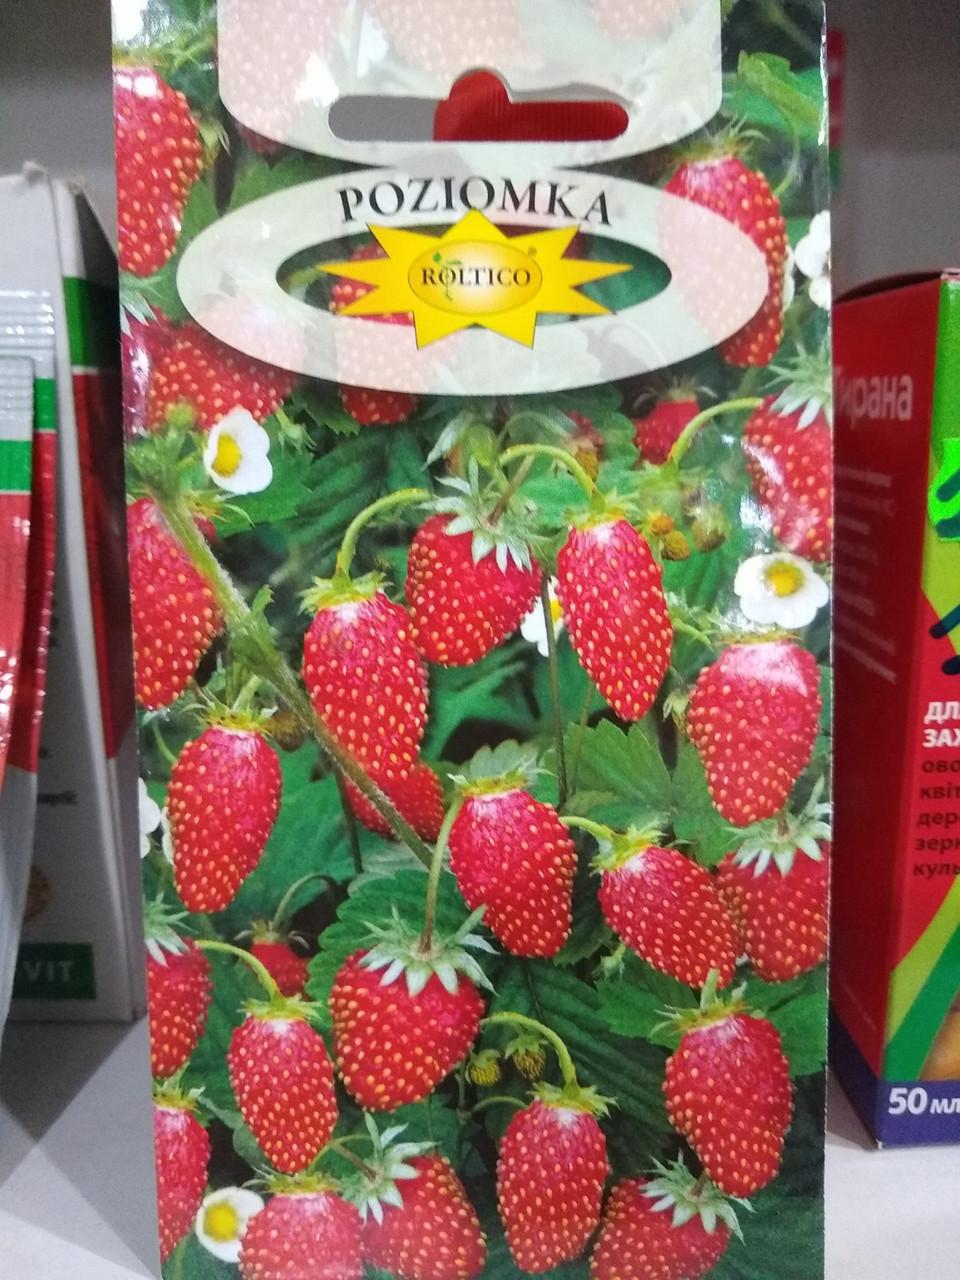 Земляника крупноплодная сорт Регина 0,2 грамма, Польша